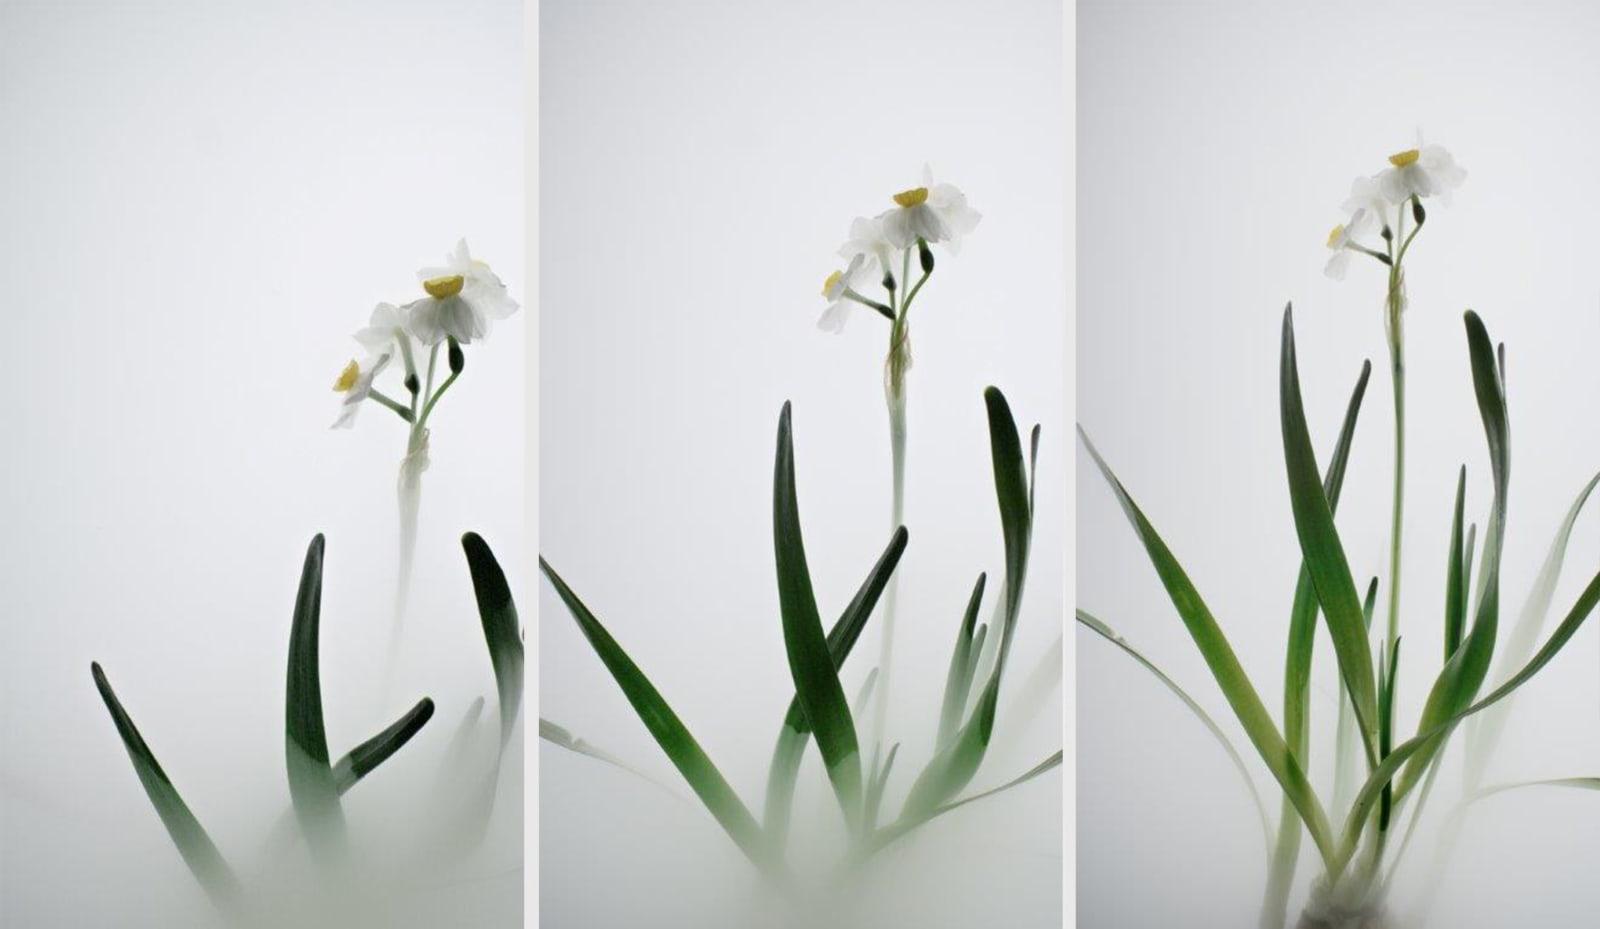 Wu Chi-Tsung 吳季璁, Still Life 007 - Daffodil 小品之七 - 水仙, 2018